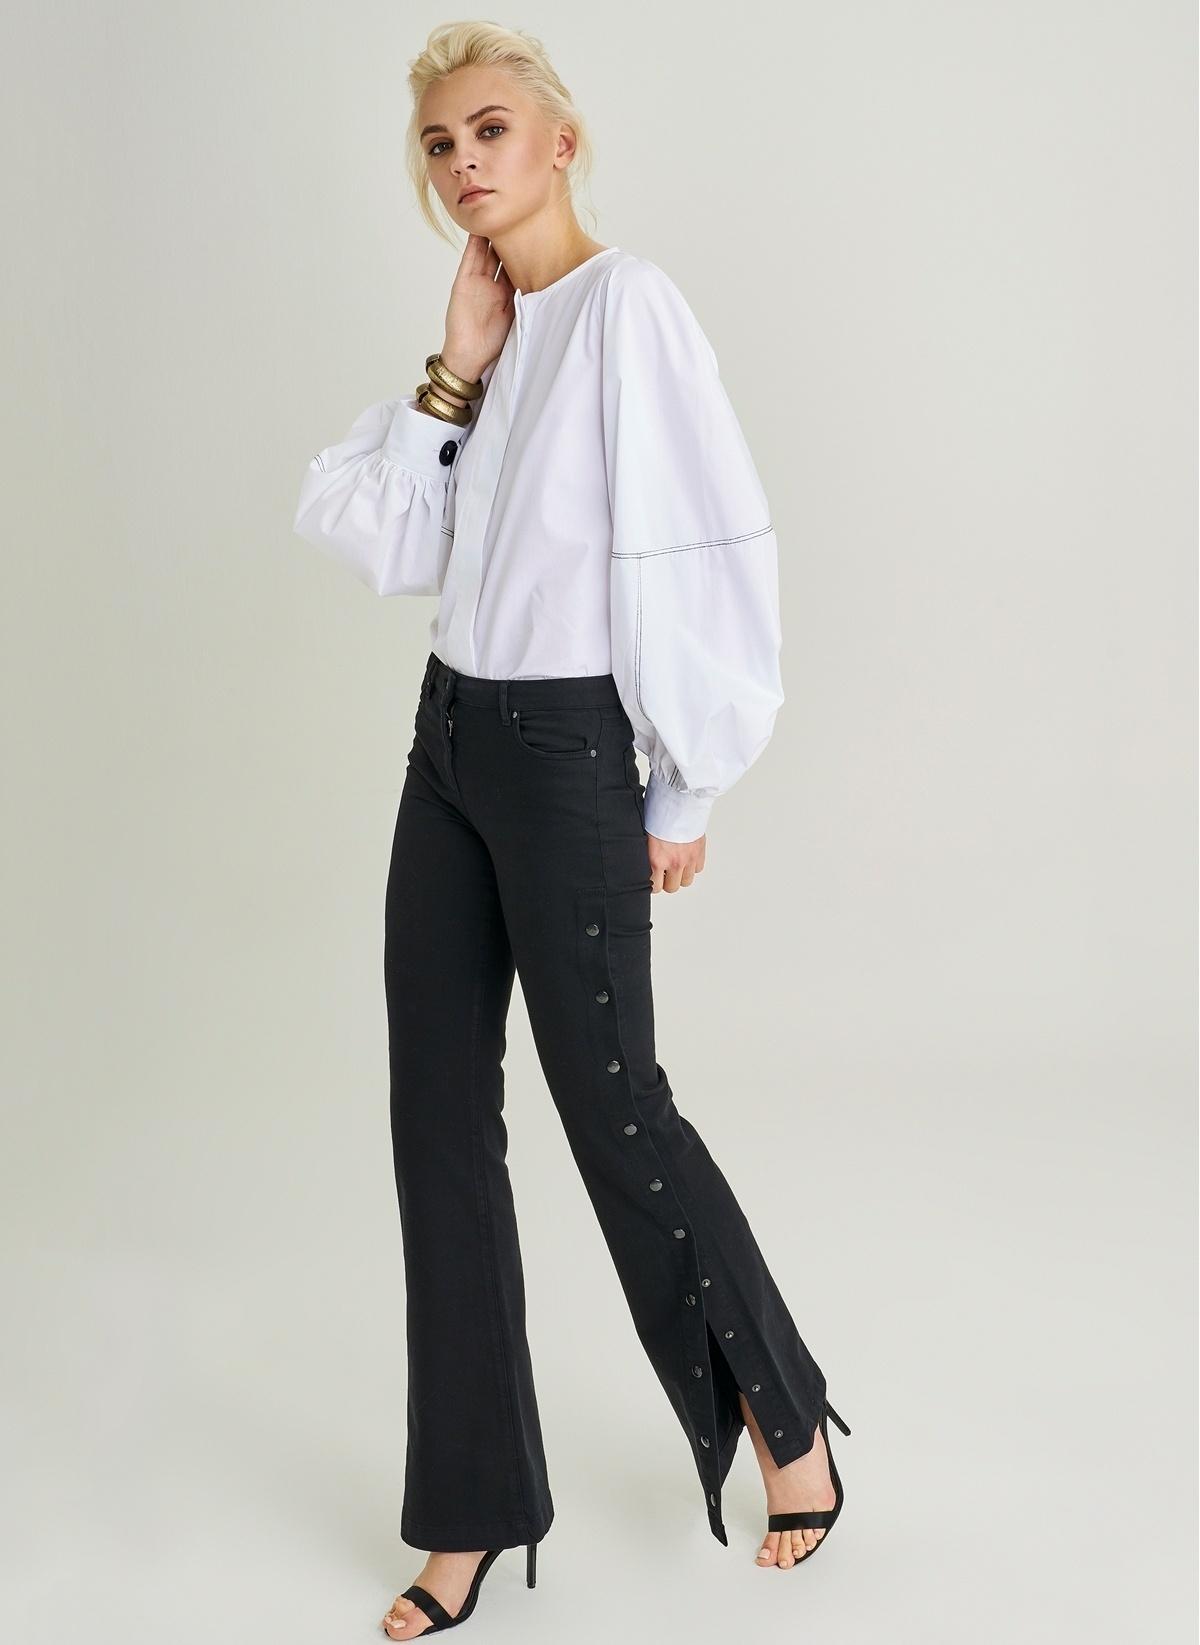 2ba3d6350daac People By Fabrika Kadın Yanları Çıt Çıt Detaylı Pantolon Siyah ...